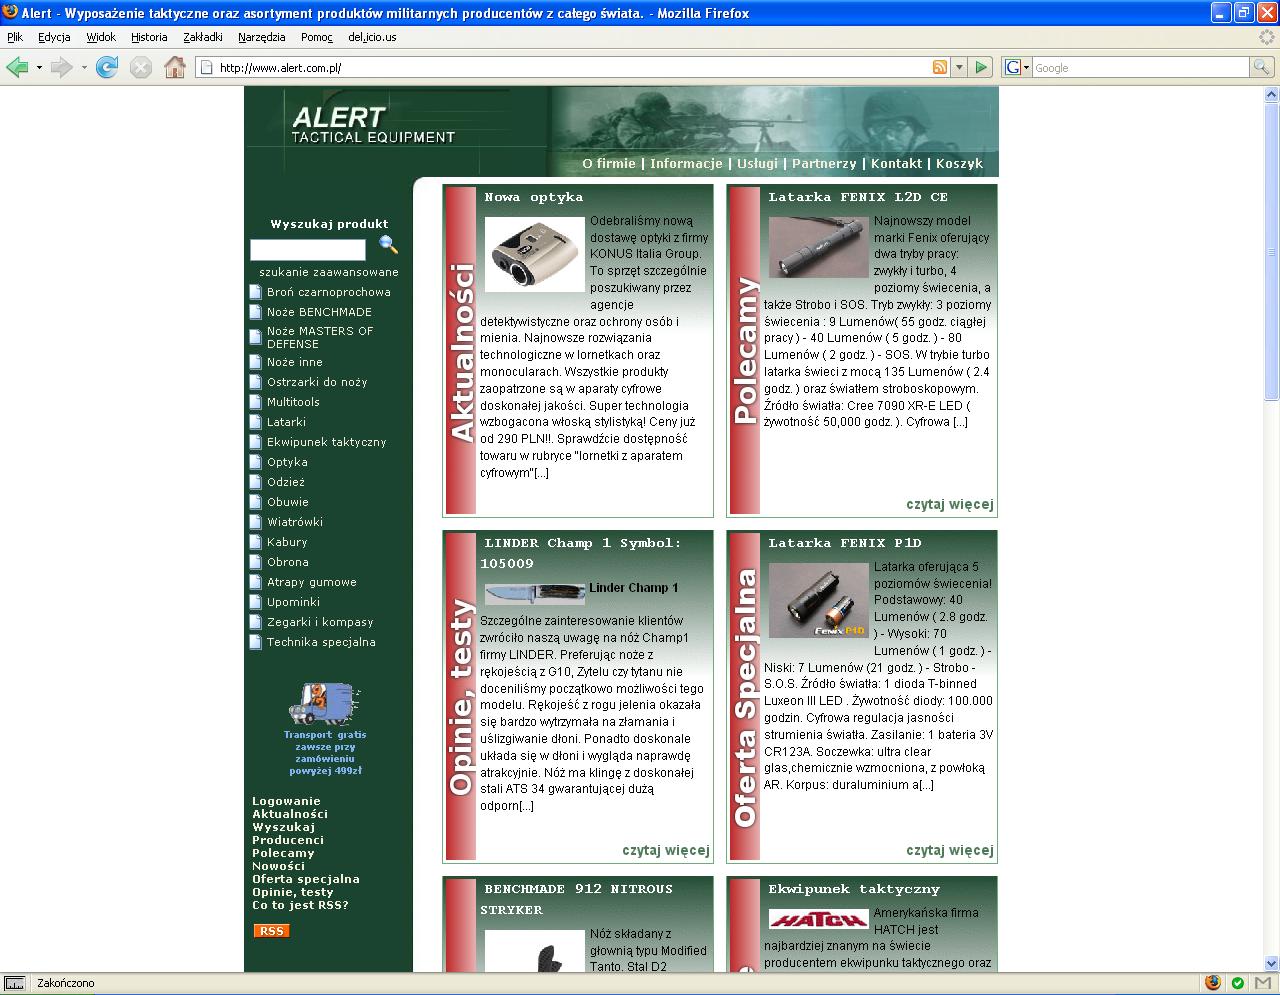 alert.com_.pl_